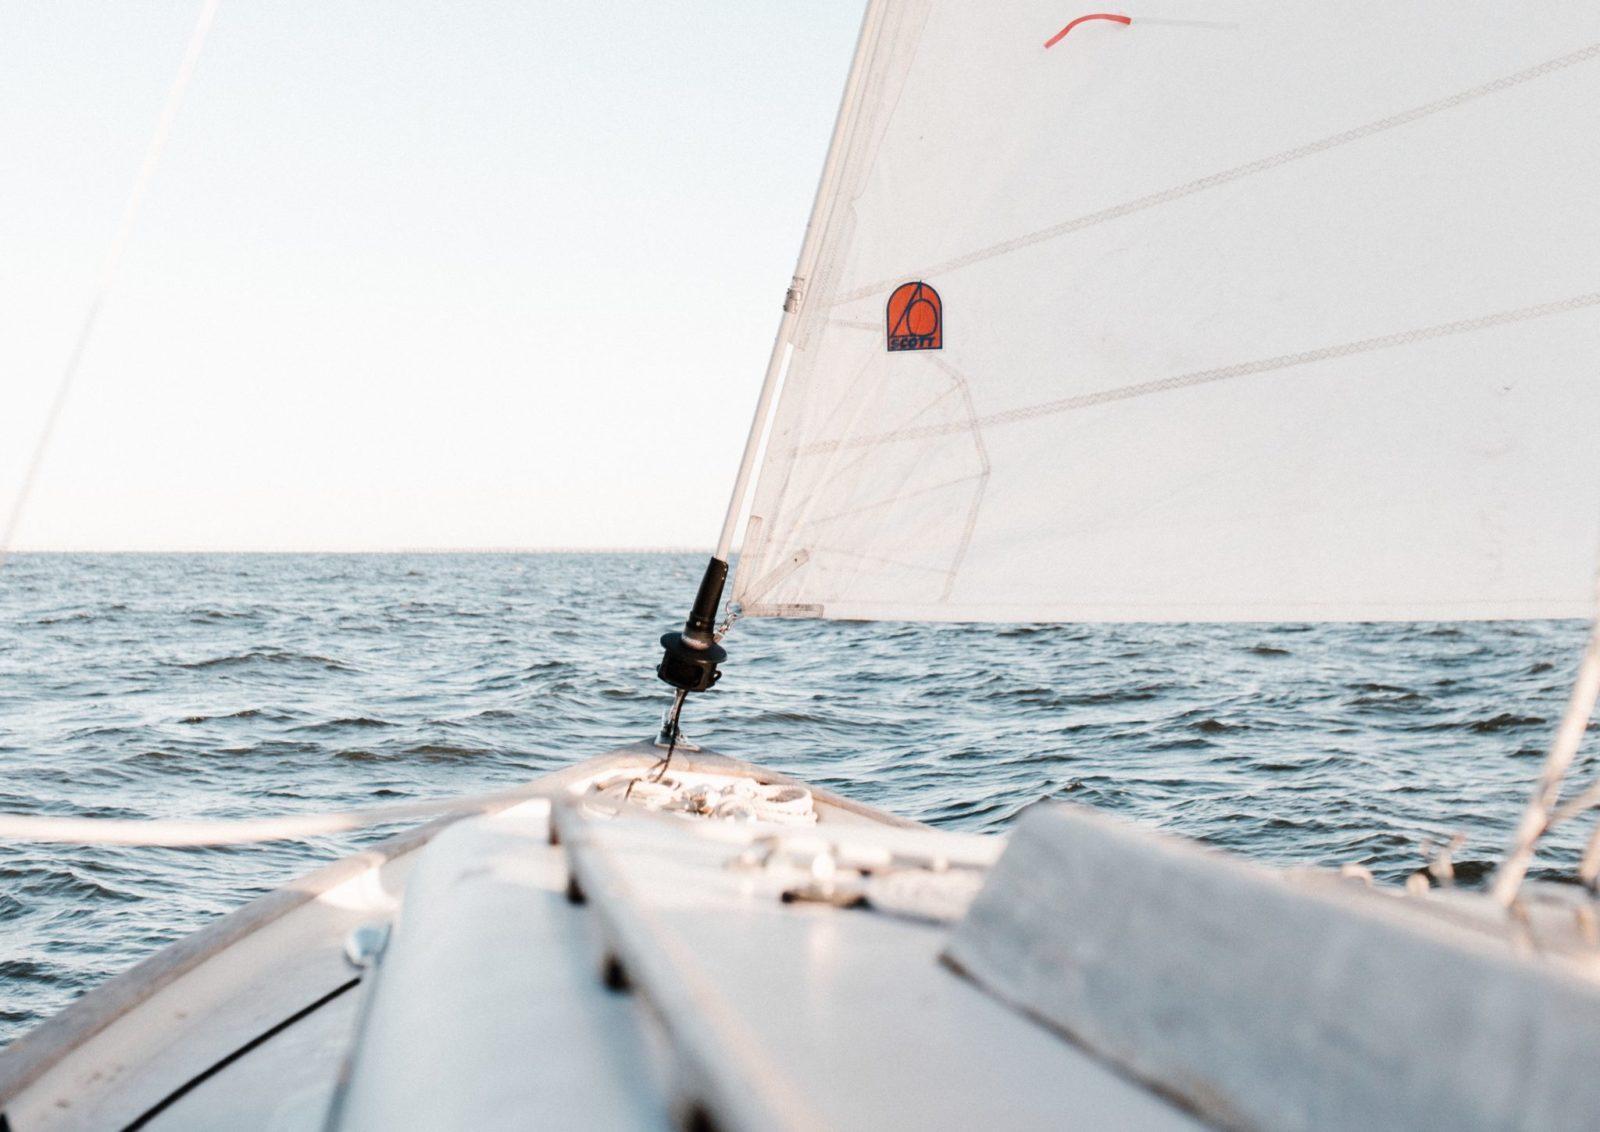 Viden om sejlads: 10 maritime ord og sejler udtryk værd at kende